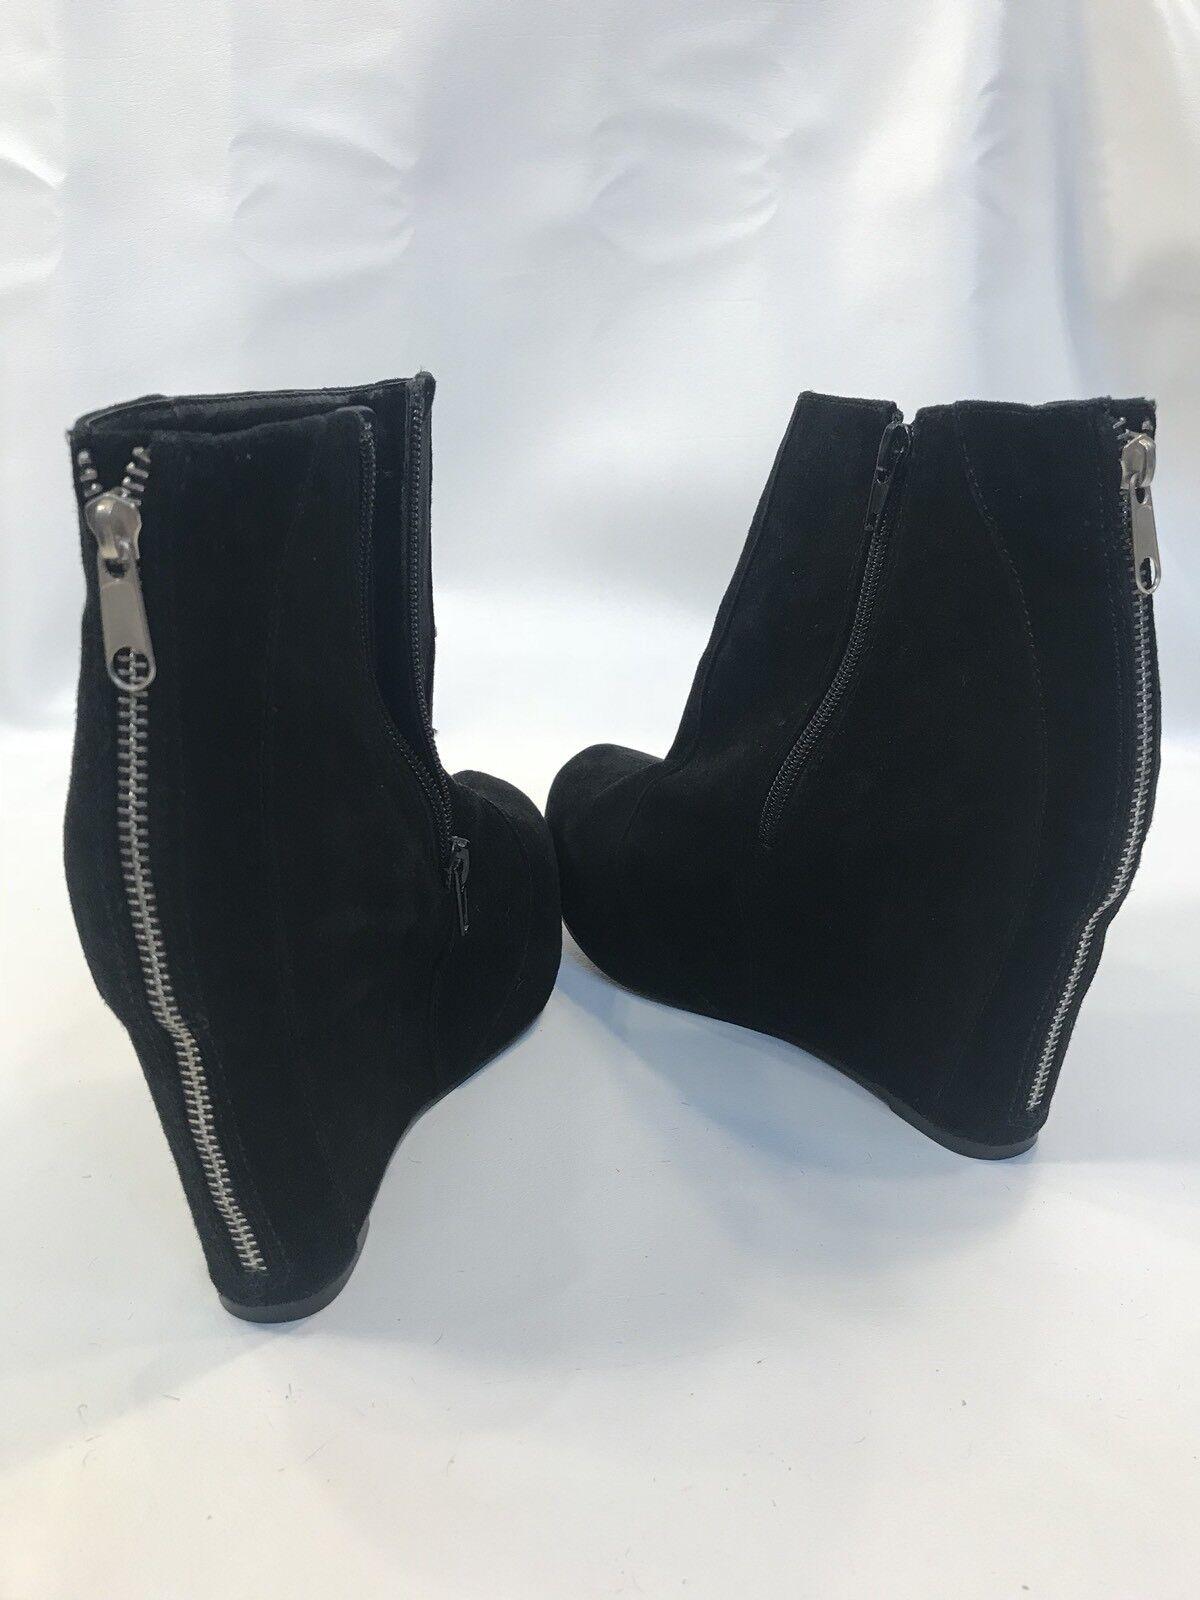 Jeffrey Campbell Pixie 9.5 Cuña Plataforma botas al Tobillo Cremallera Cremallera Cremallera Trasera  venta con descuento